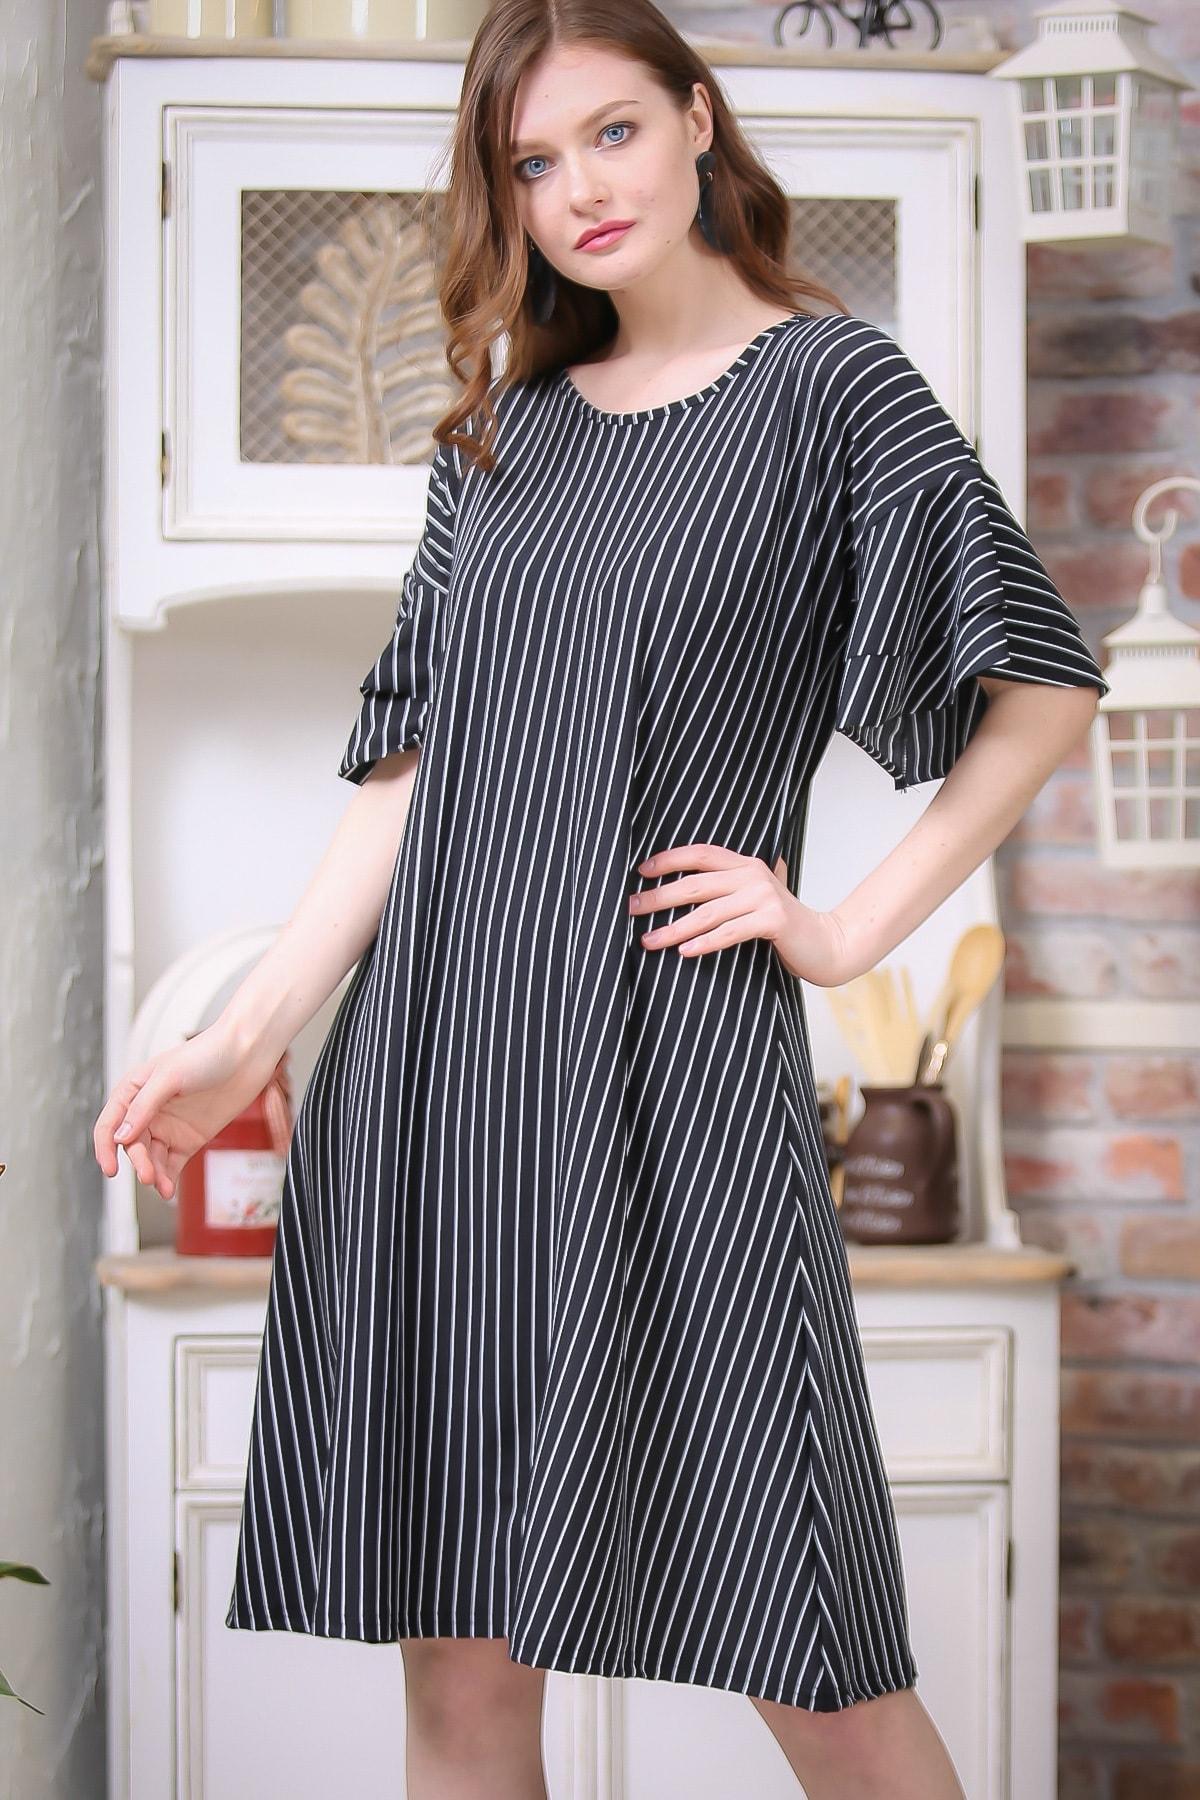 Chiccy Kadın Siyah-Beyaz Retro Kolları Volan Detaylı Çizgili Elbise M10160000EL97328